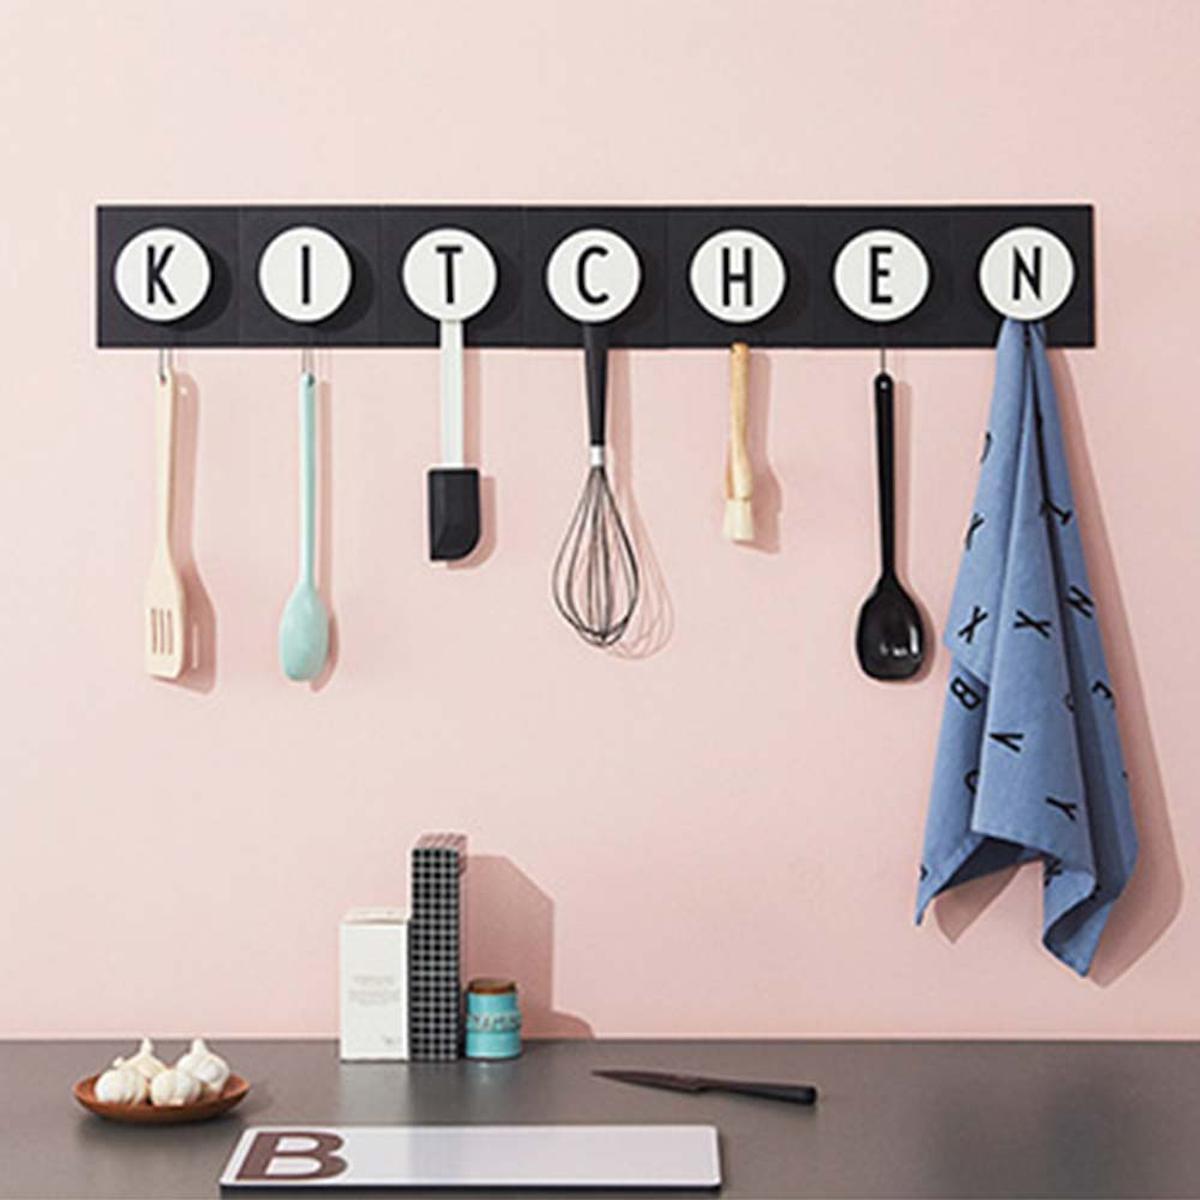 littlehipstar_design-letters-Kuechendeko